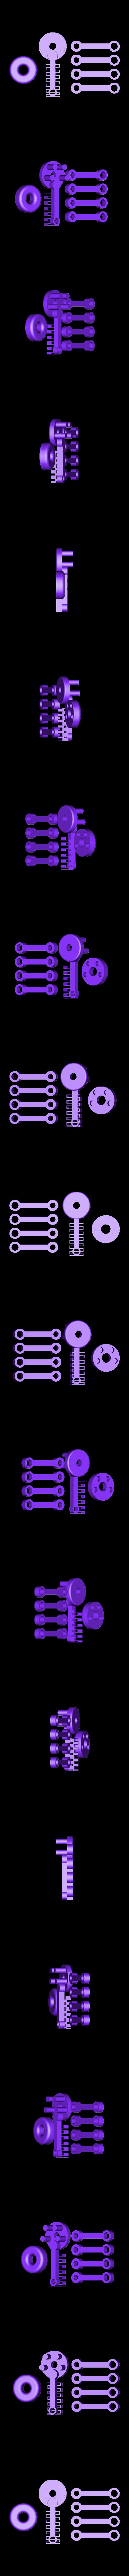 radial_connector_and_rods.stl Télécharger fichier STL gratuit Moteur radial ou Hula • Design à imprimer en 3D, Mathorethan